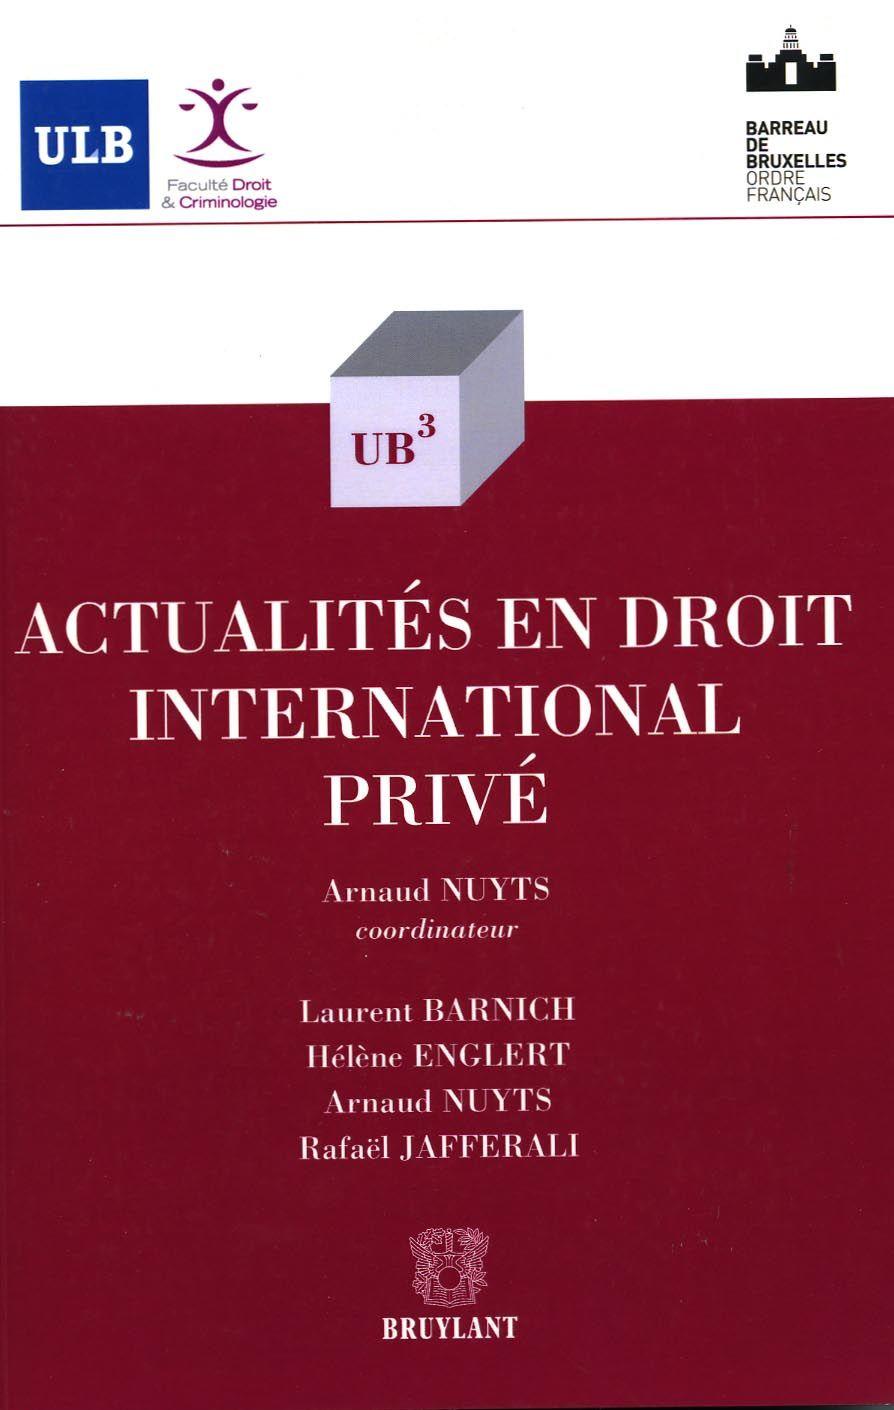 Actualites En Droit International Prive Arnaud Nuyts Coordinateur Colaboran Laurent Barnich Et Al Bruxelles Bruylant Cop